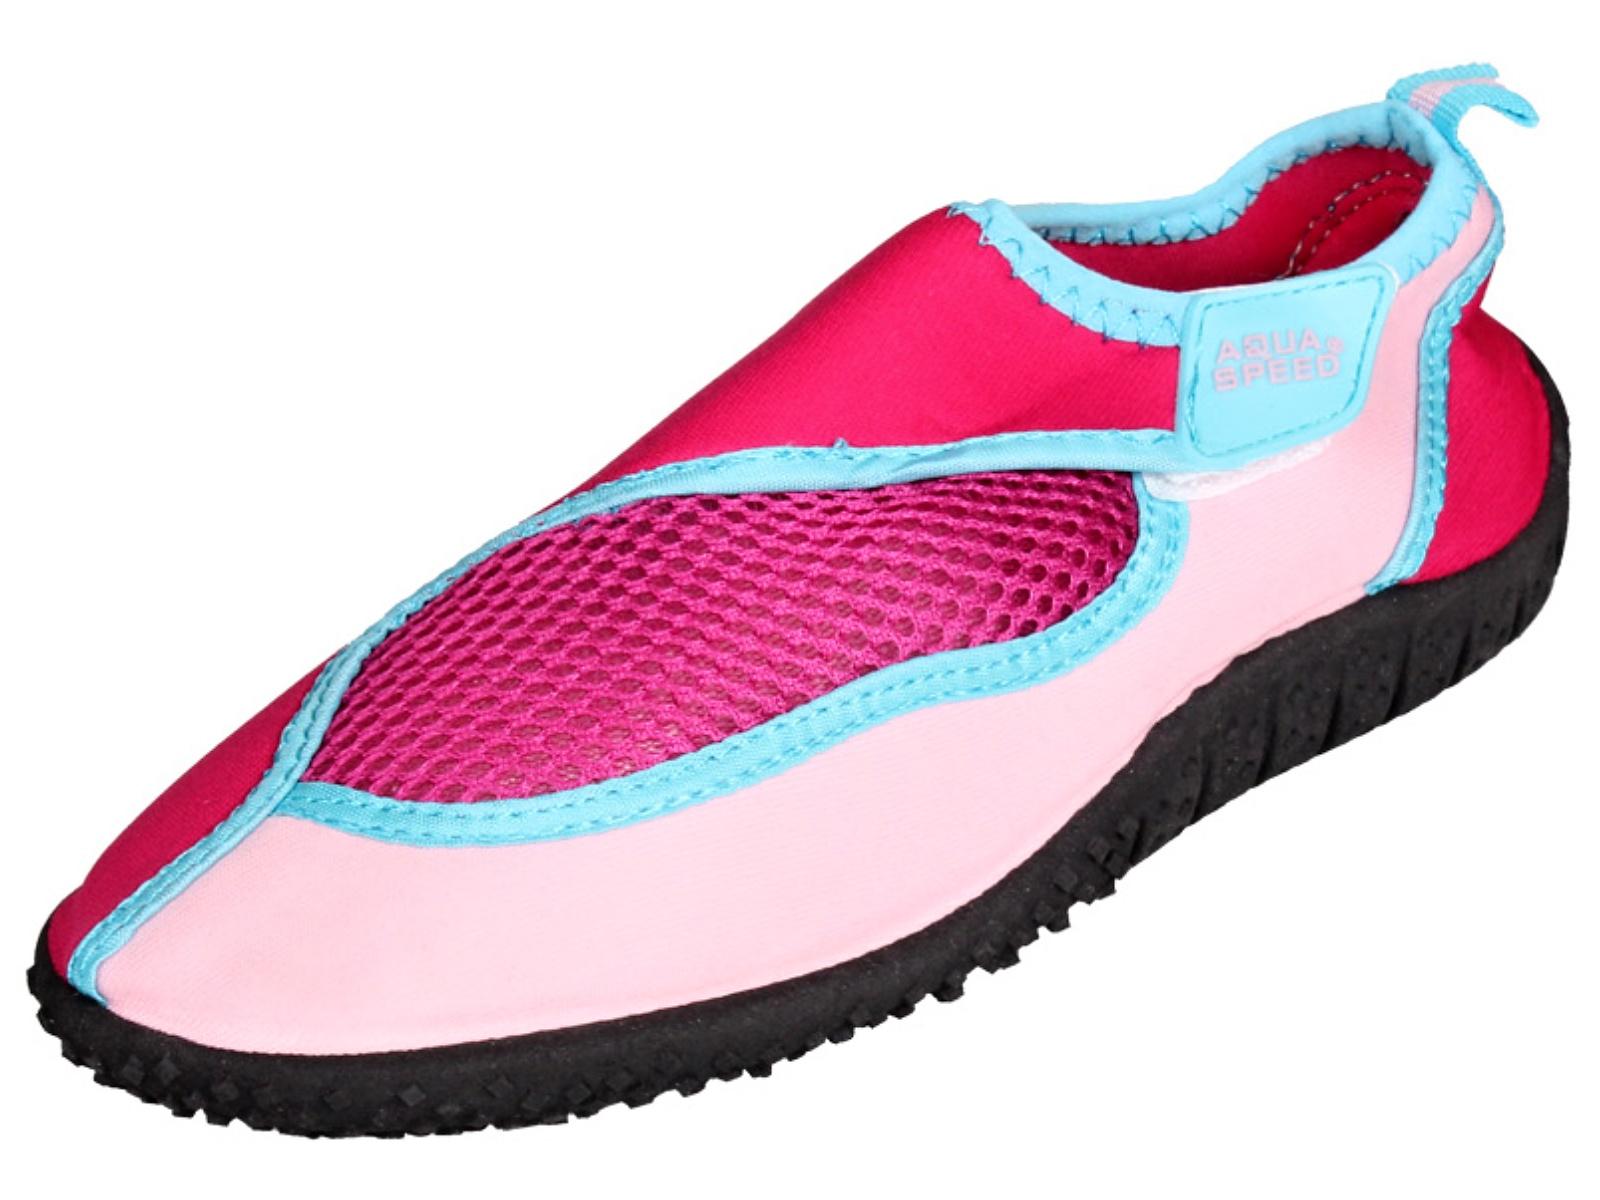 Topánky do vody AQUA-SPEED 26C detské ružové - veľ. 29